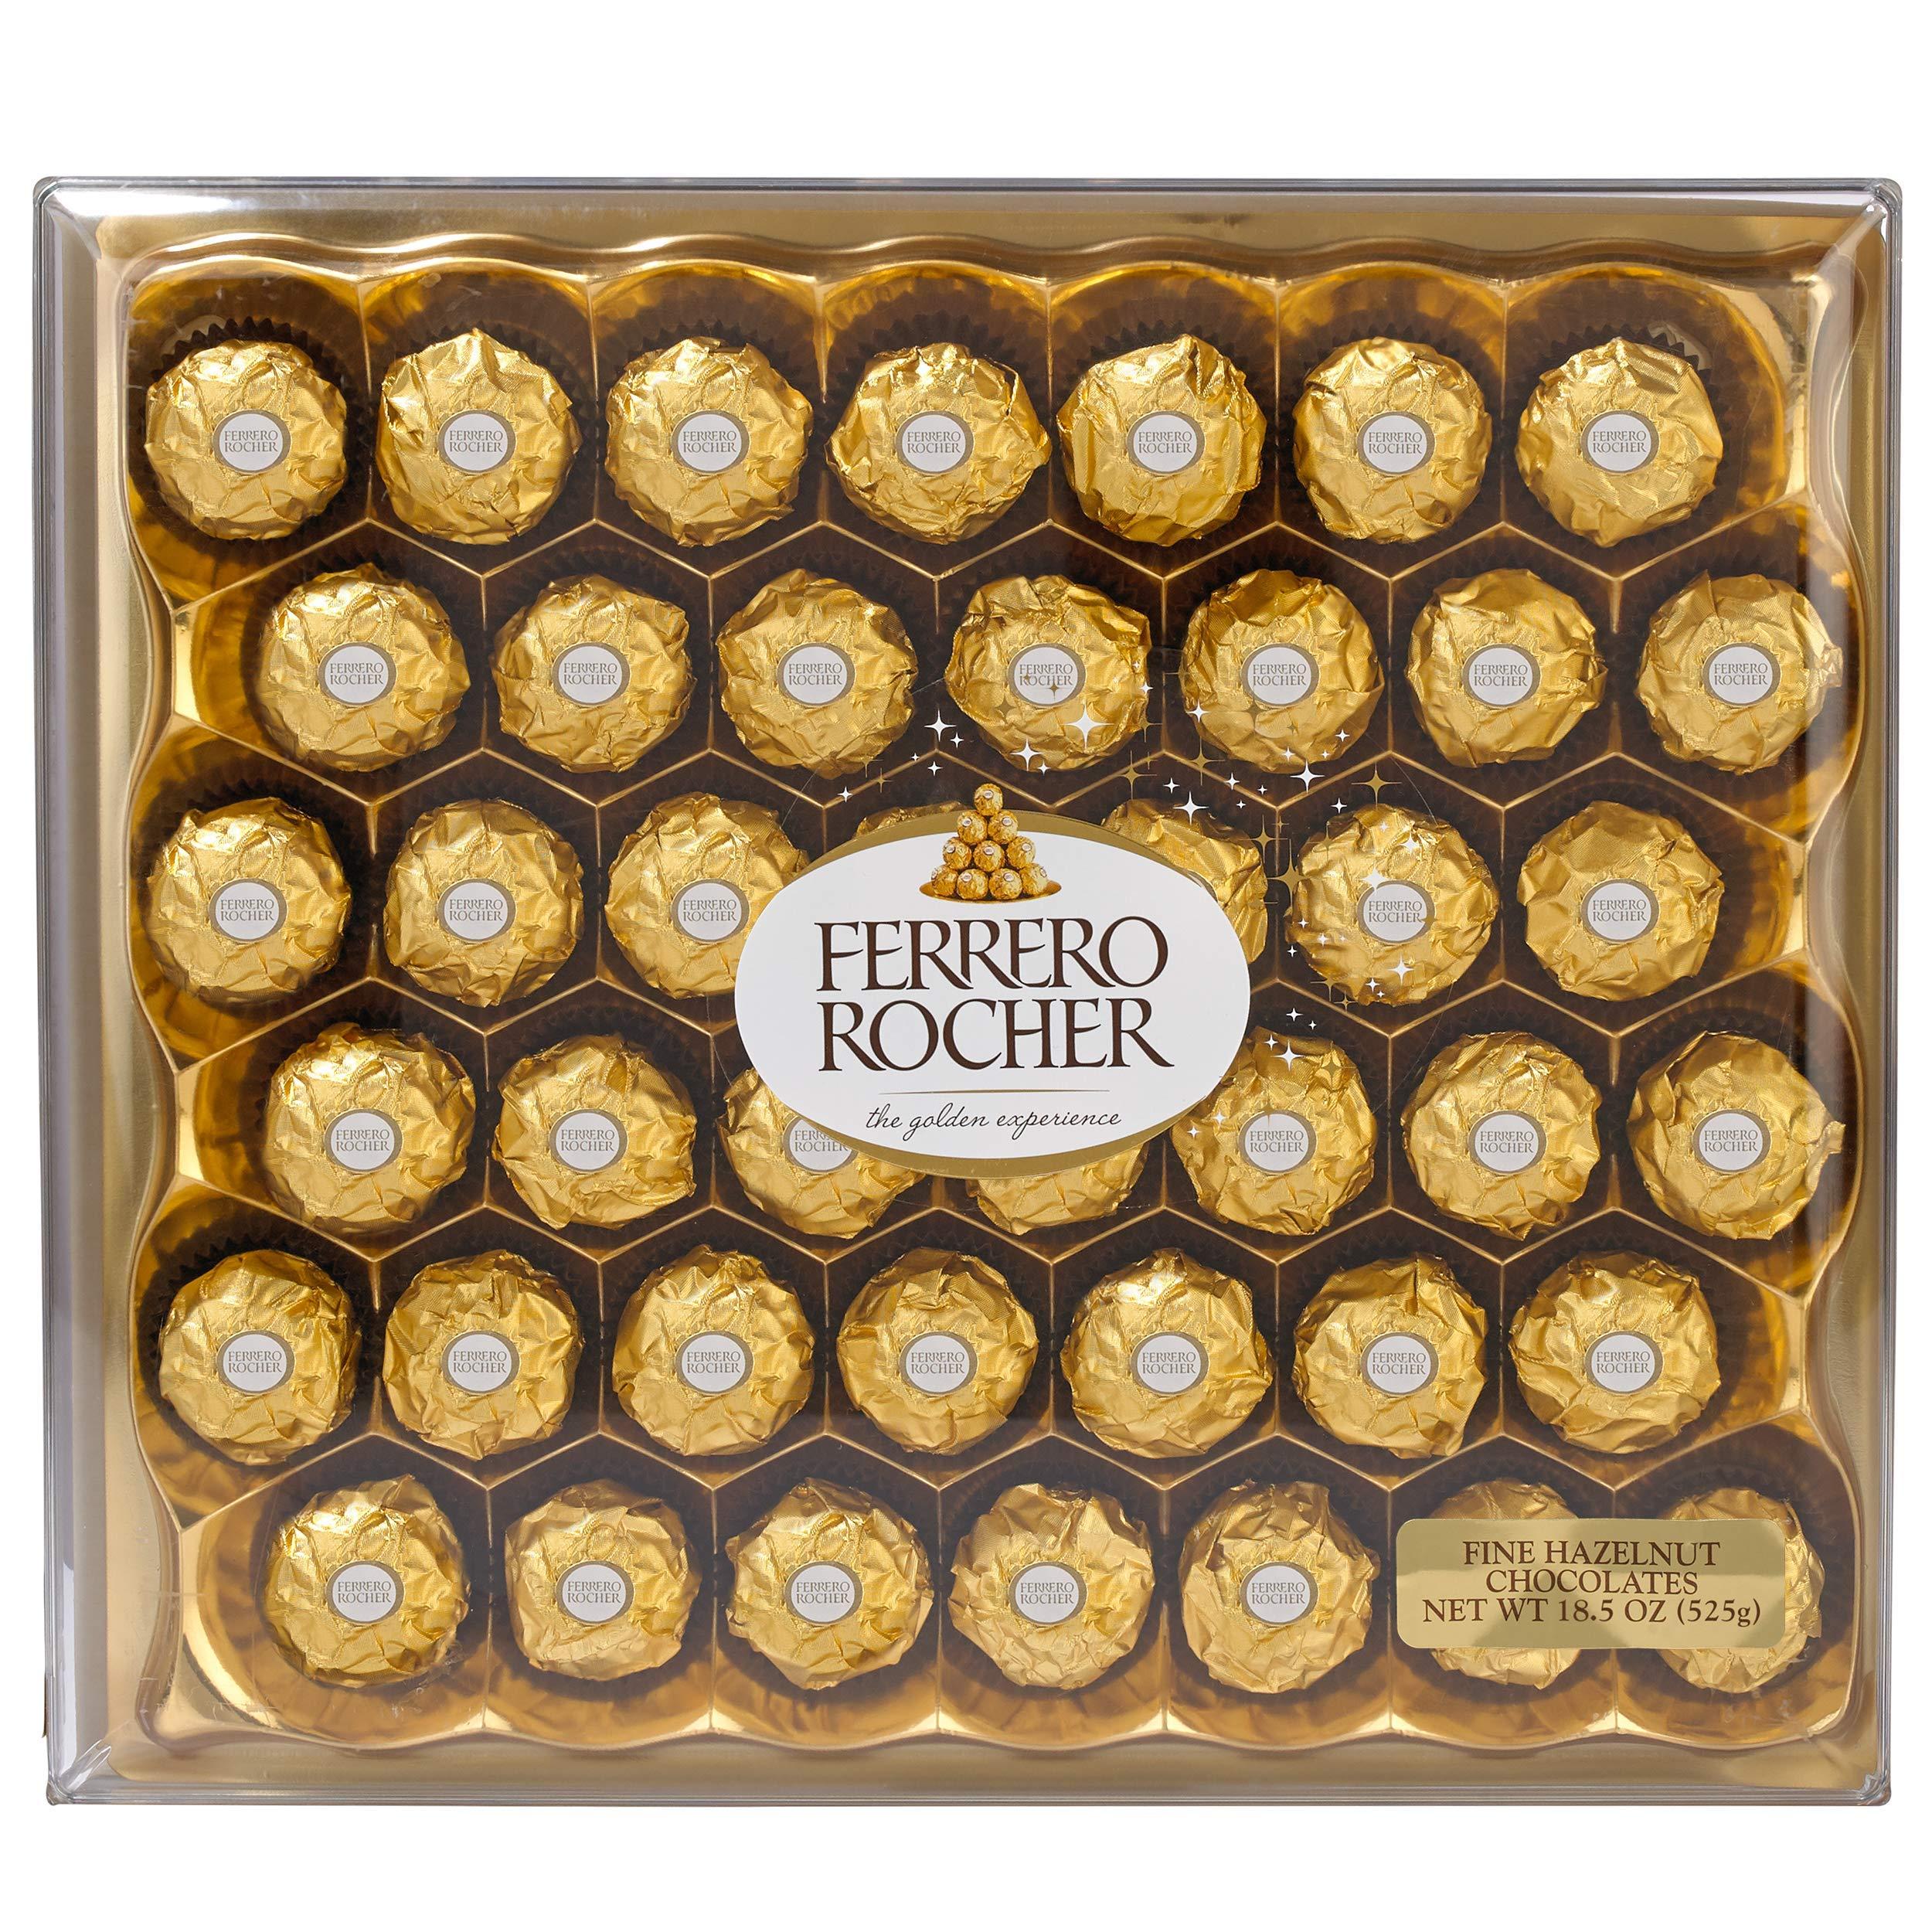 Ferrero Rocher 42 Count